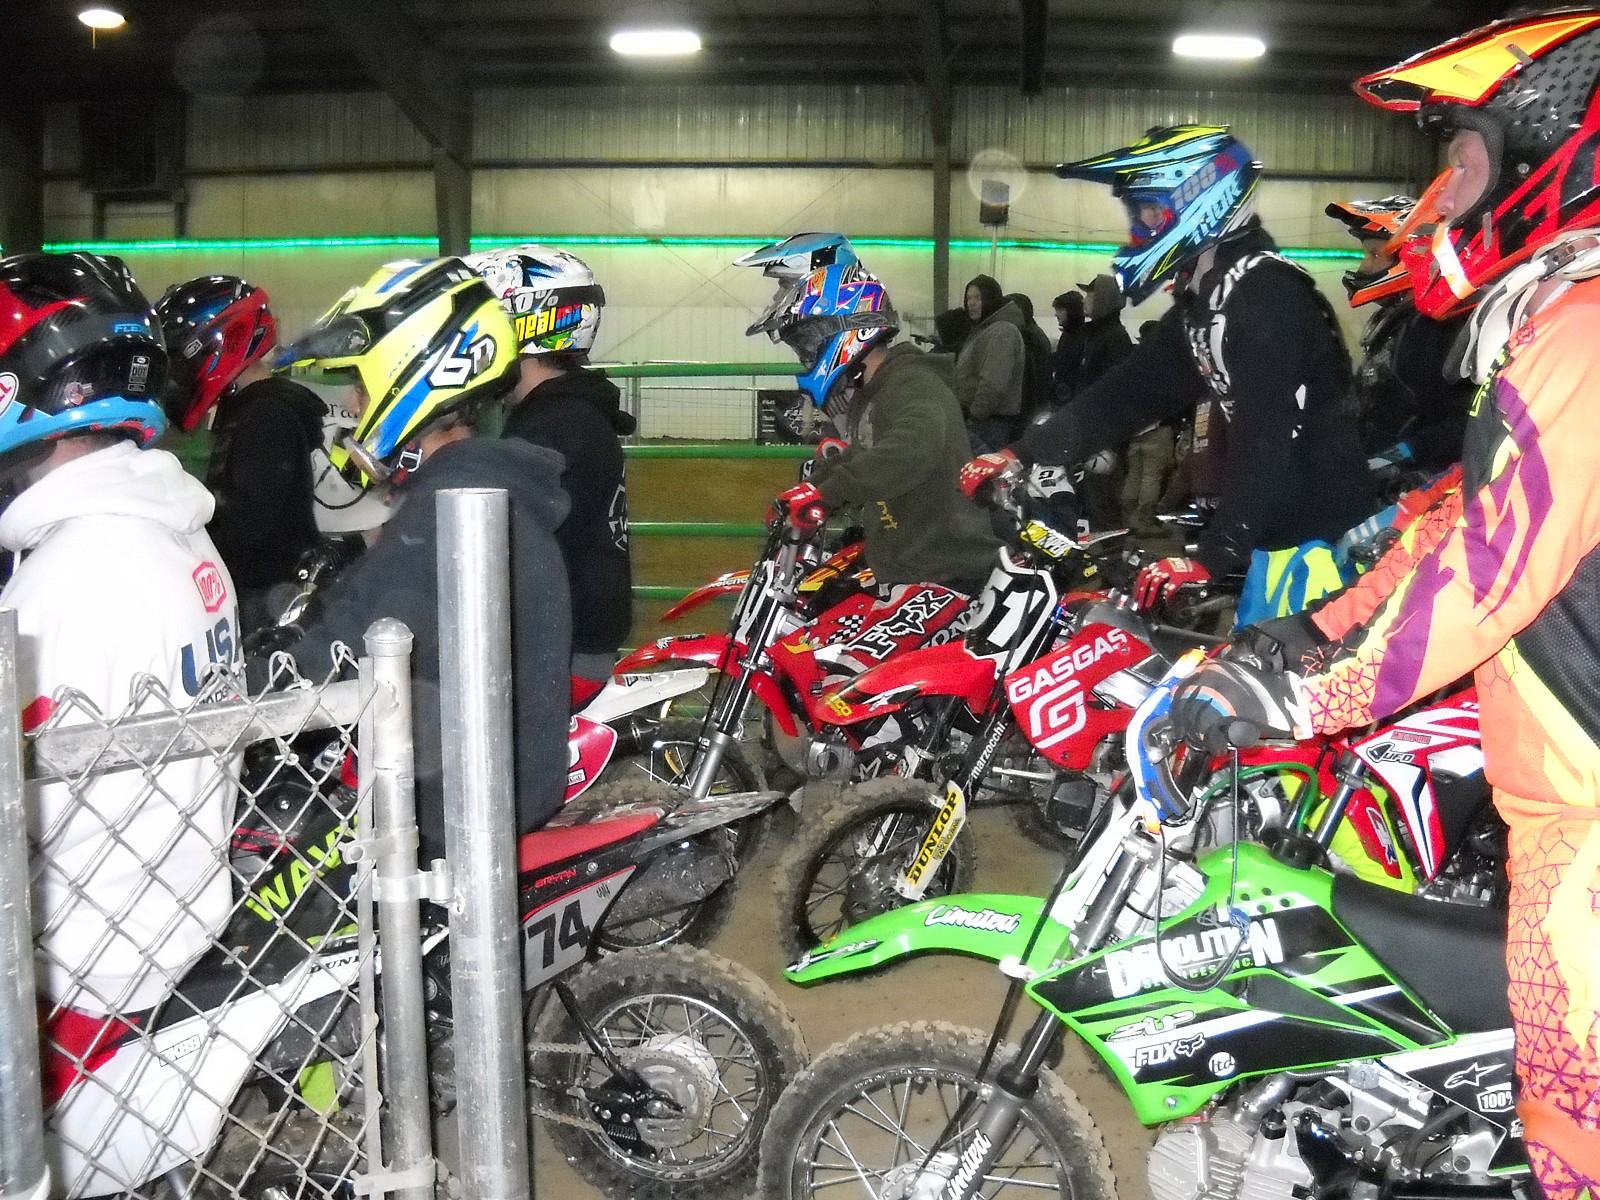 DSCN0010 - motoclown - Motocross Pictures - Vital MX